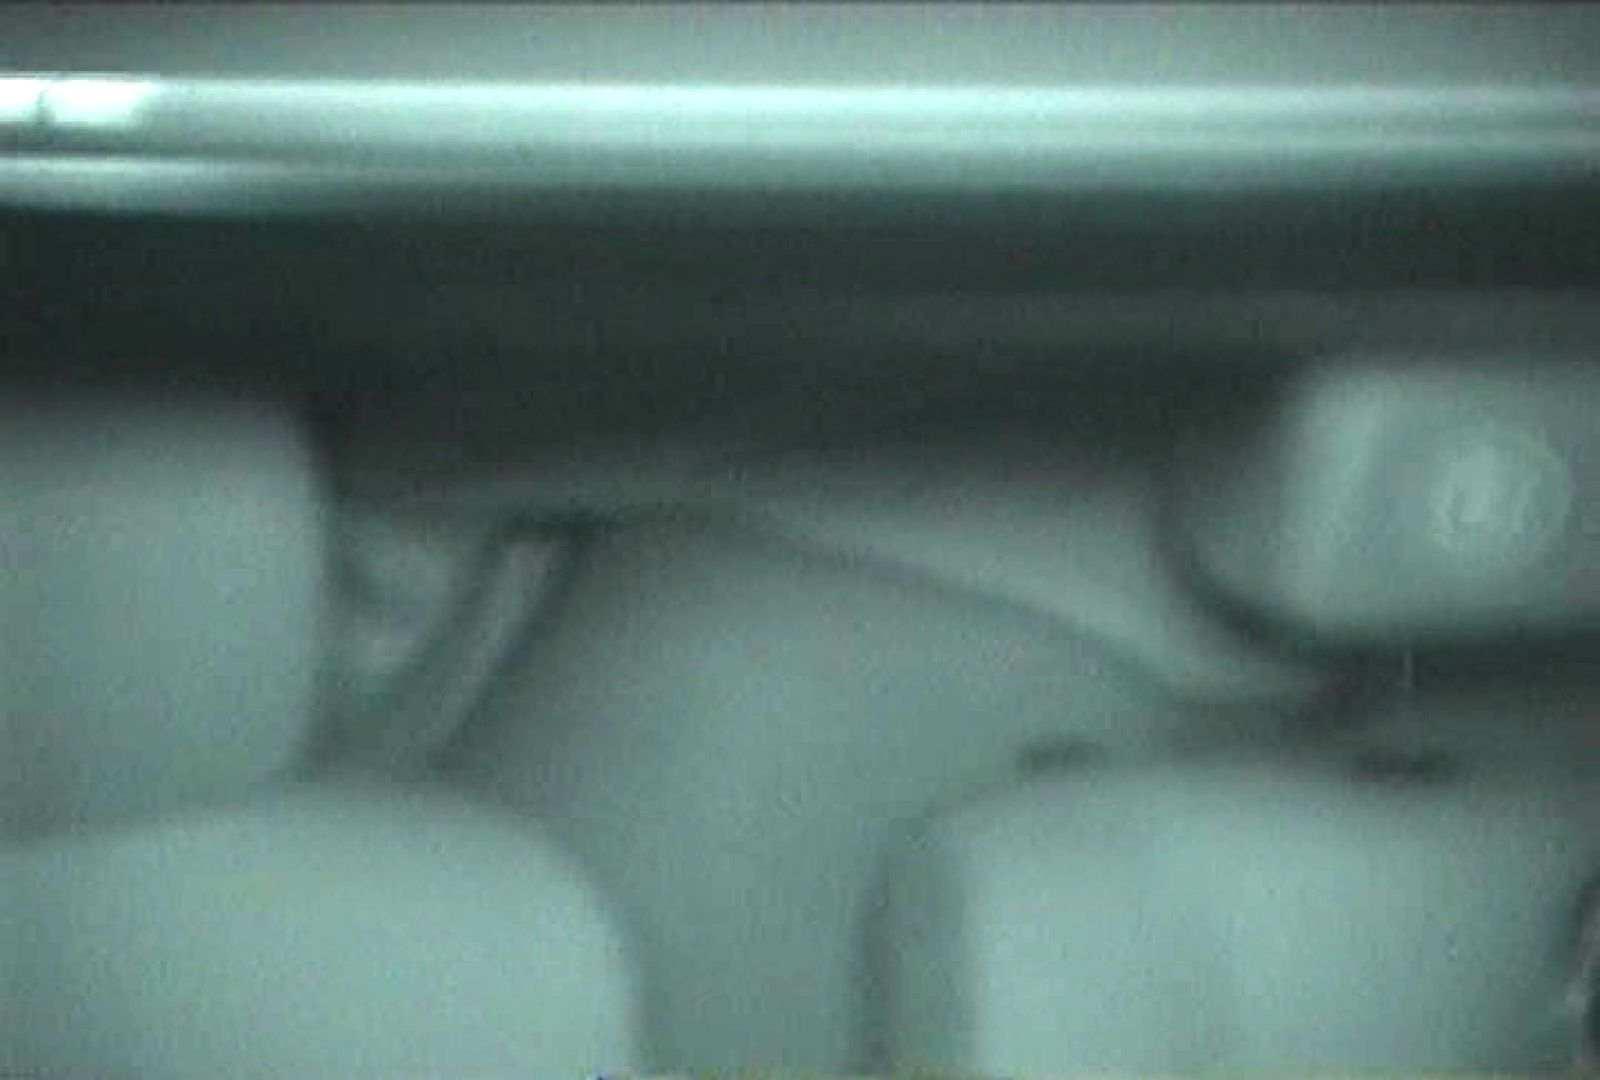 充血監督の深夜の運動会Vol.97 カップル ワレメ動画紹介 86画像 55